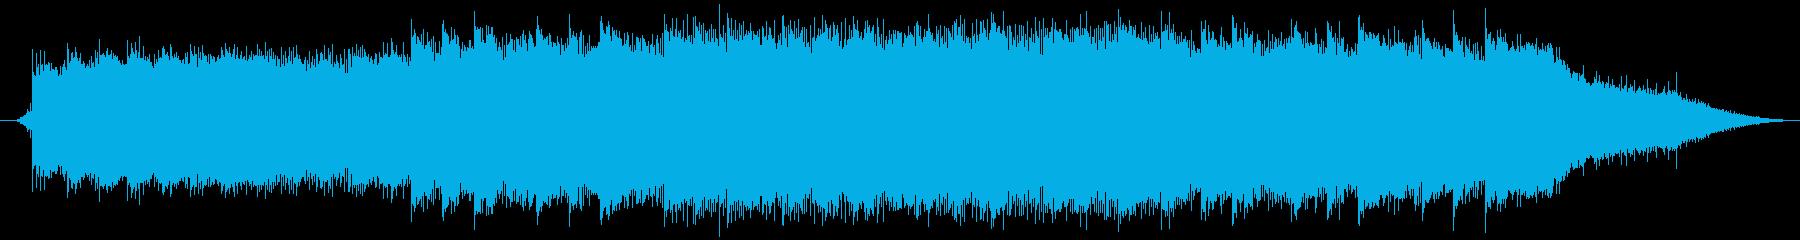 雨の音とピアノの幻想的な曲の再生済みの波形